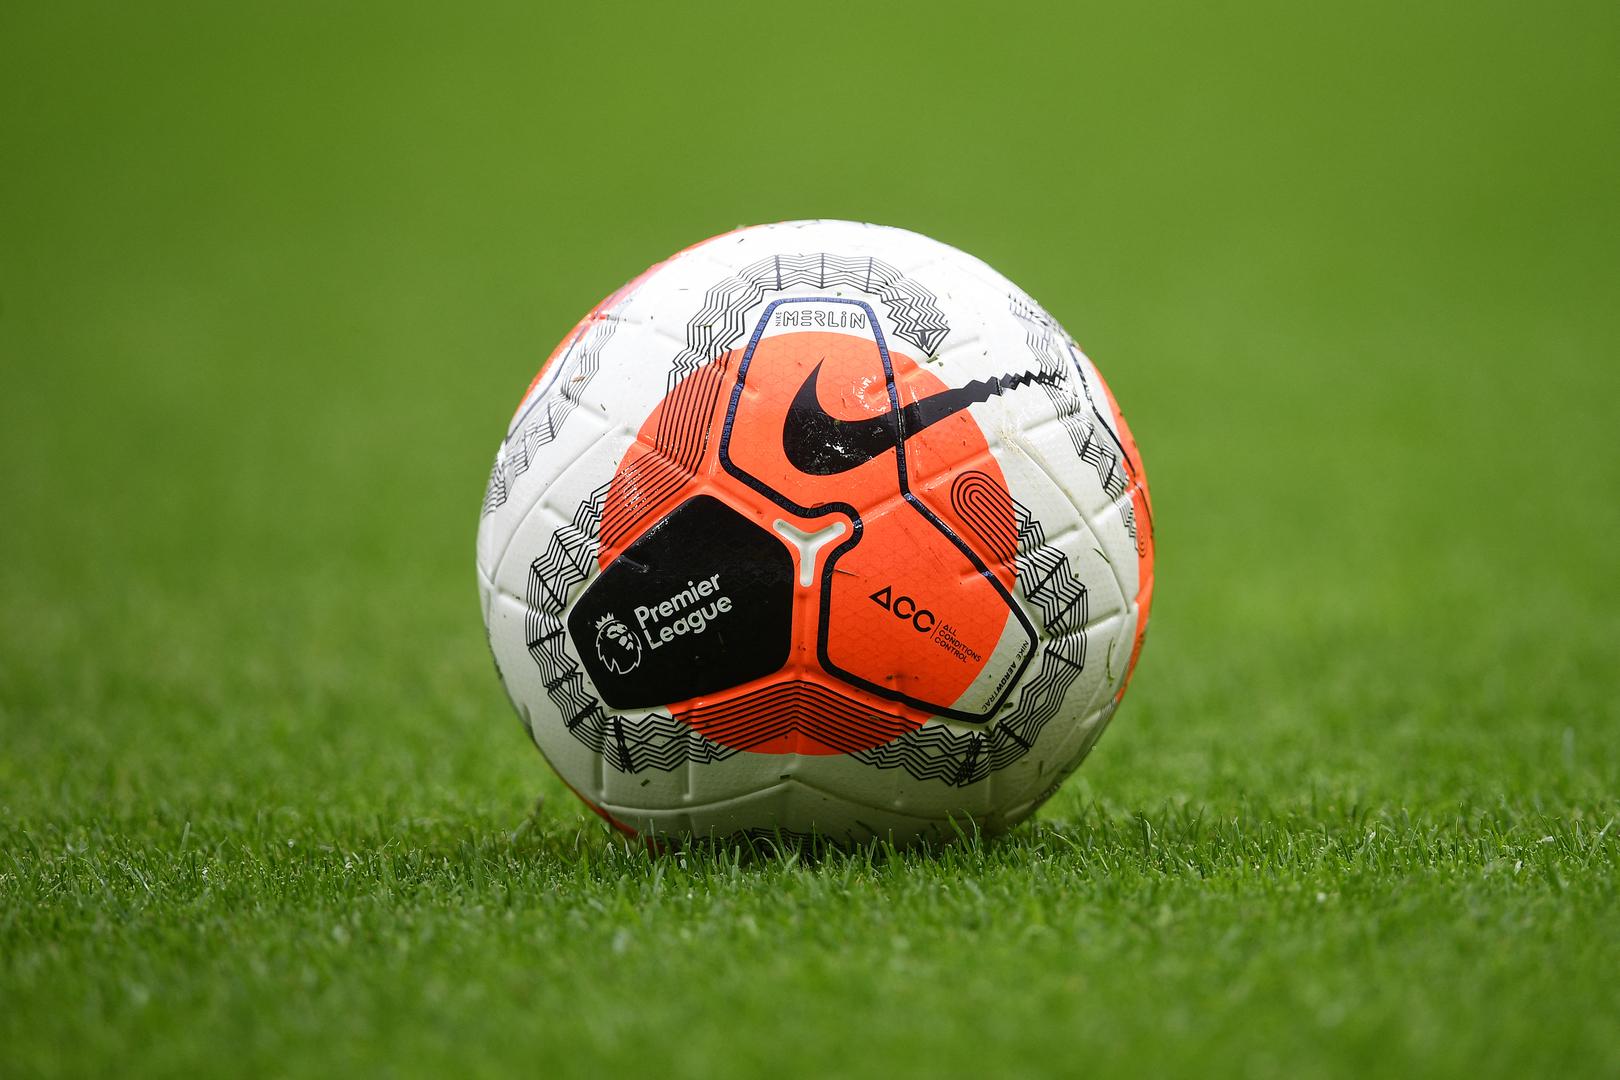 ترتيب الدوري الانجليزي الممتاز في ختام الجولة الثالثة وتوتنهام في الصدارة برصيد 9 نقاط